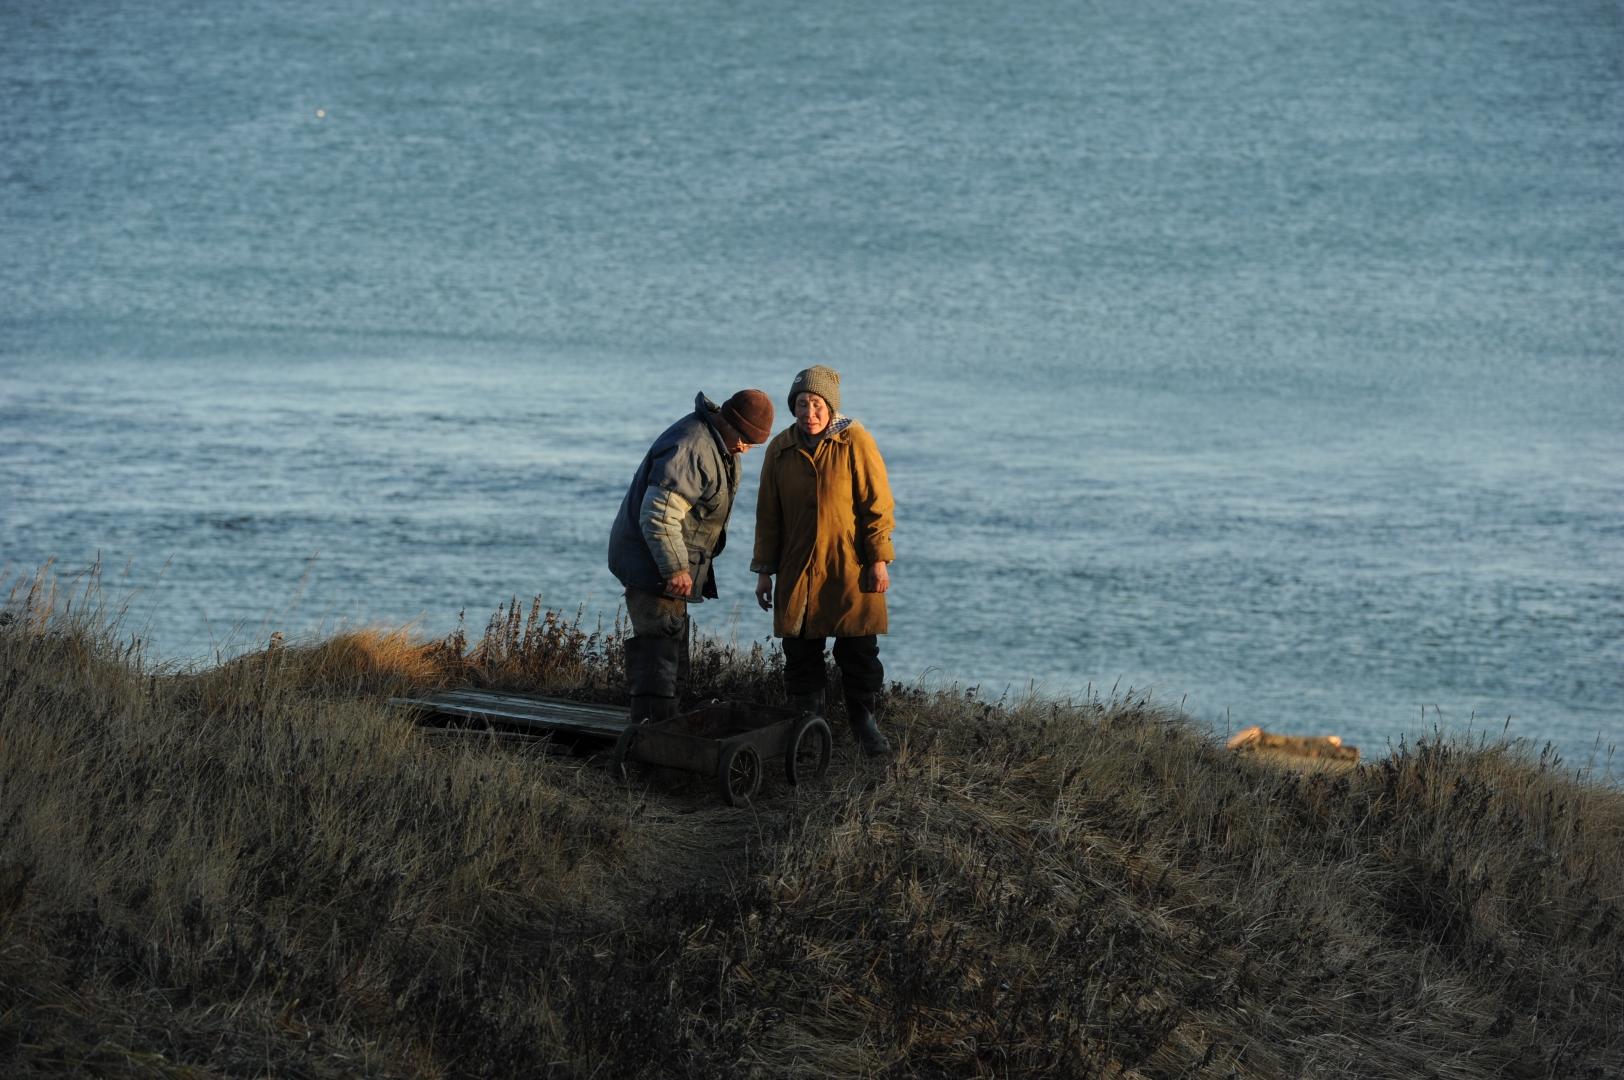 Чукчи села Лорино мясо добытых на охоте морских животных закладывают и хранят в мясные ямы, которые вырыты здесь же, у побережья. В условиях вечной мерзлоты – это лучший и современный вариант «холодильника»